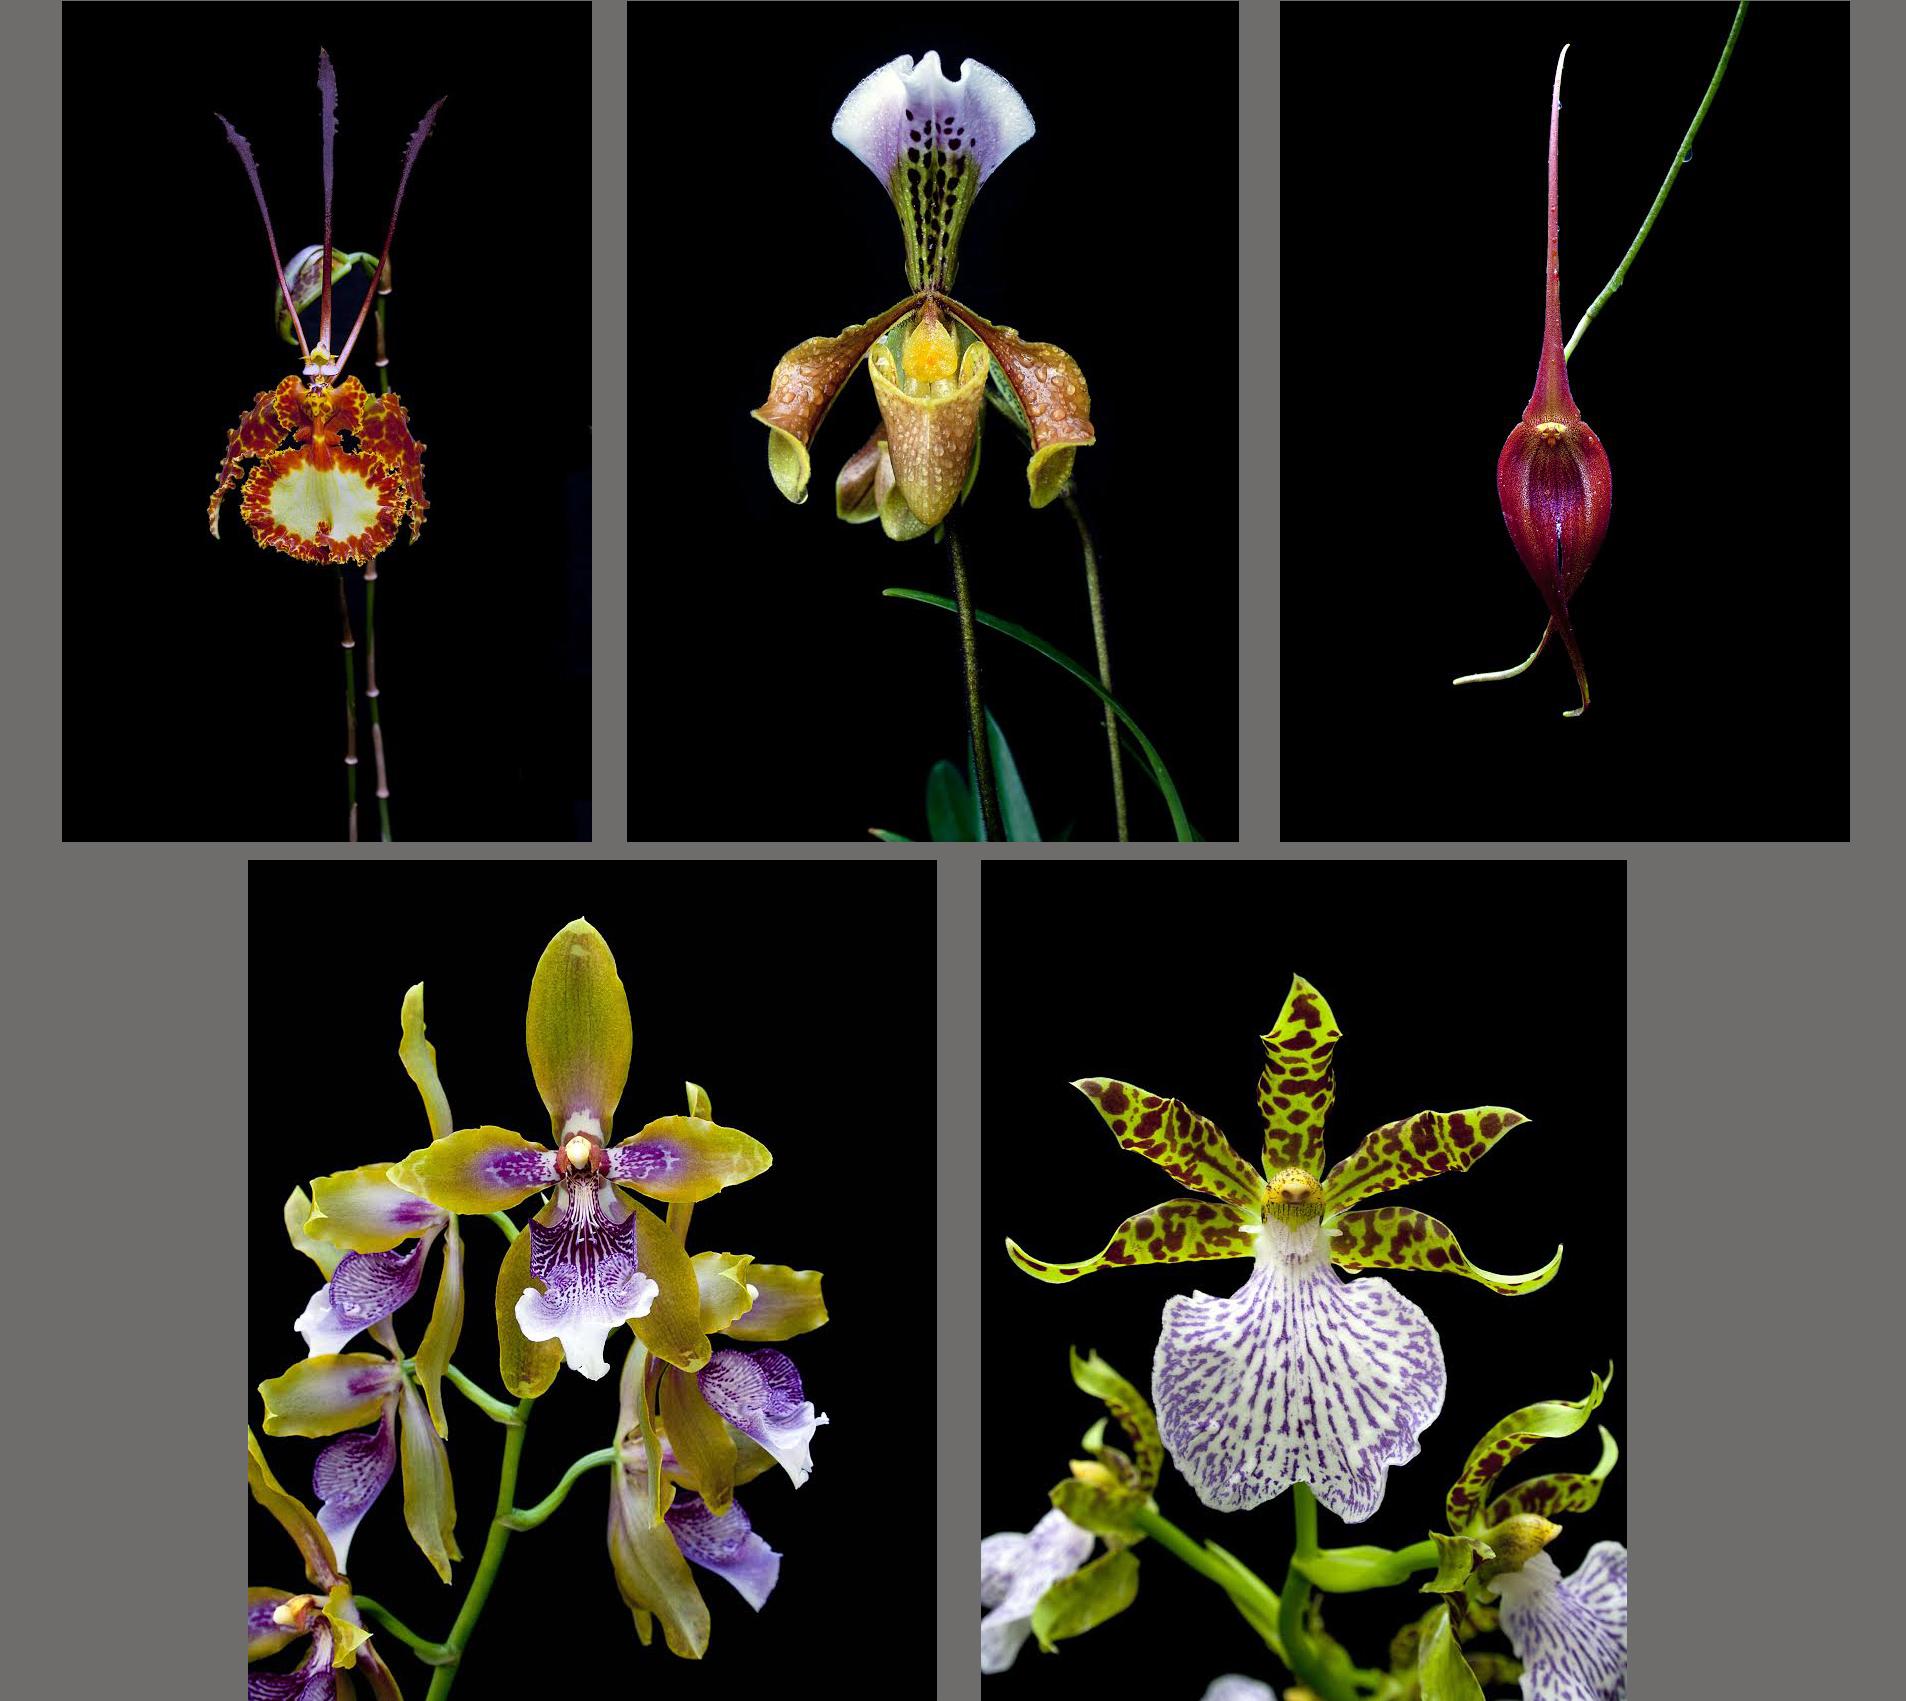 Composición con varias fotografías de la muestra de Gerardo José Torres García